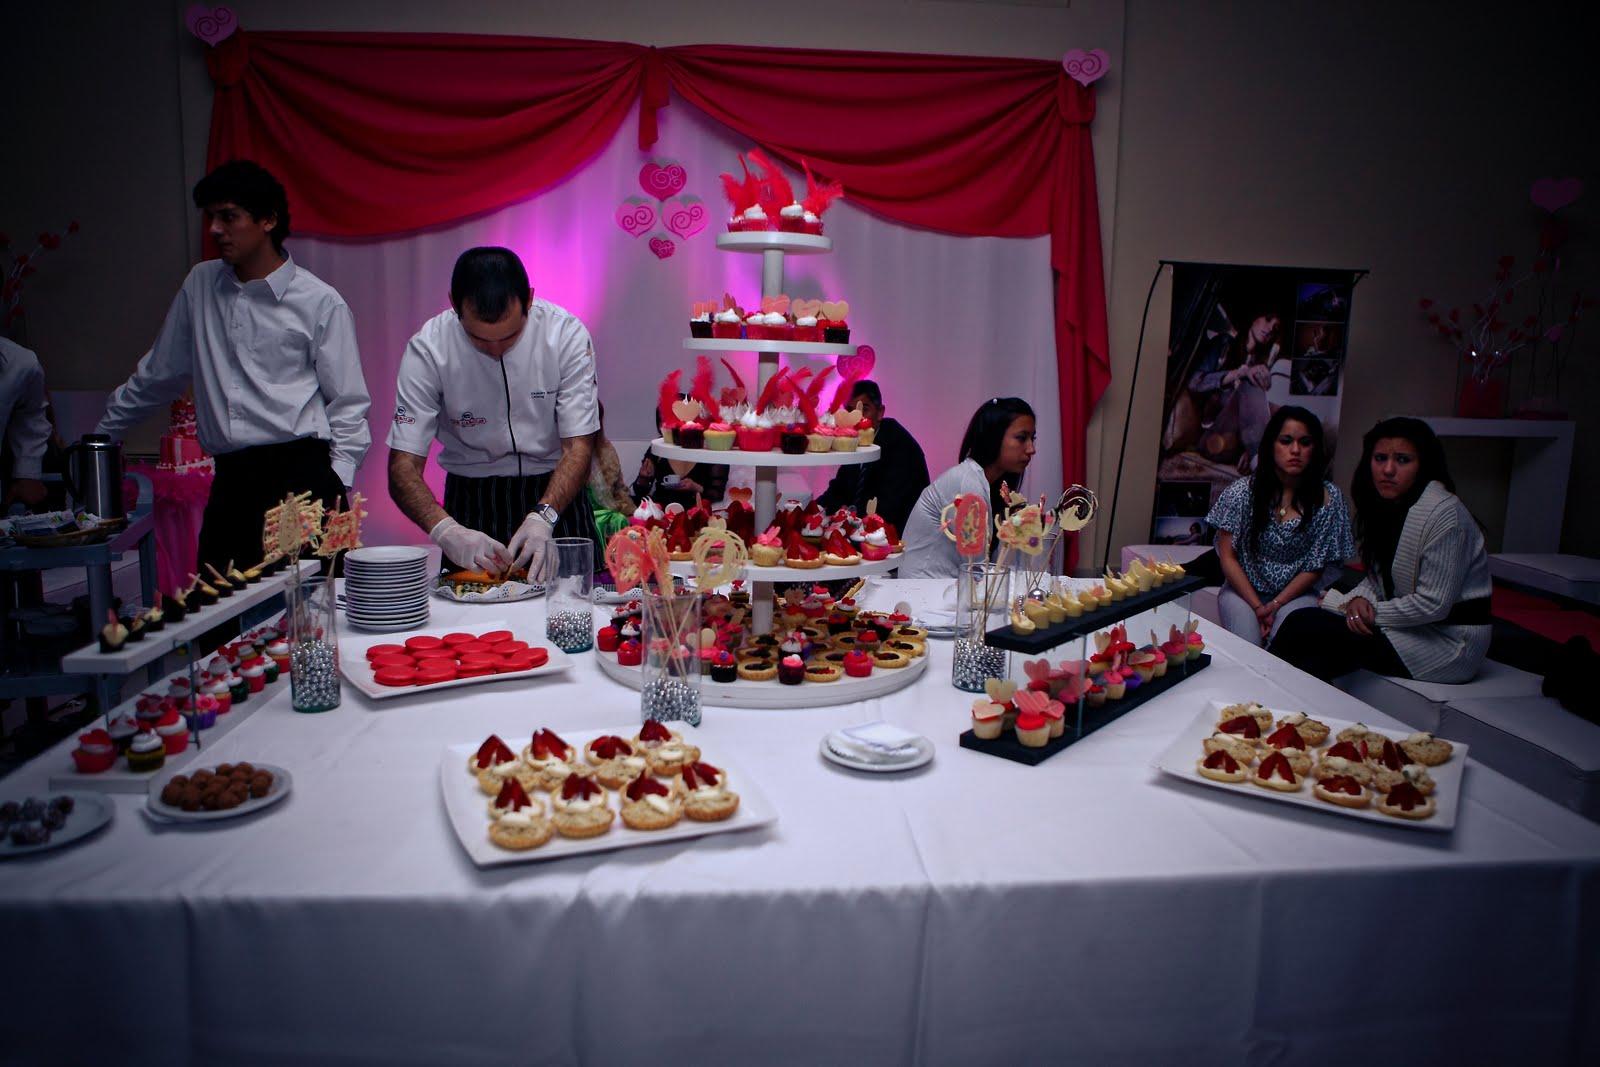 Dulce boutique cumplea os de 15 mesa dulce for Mesas dulces cumpleanos